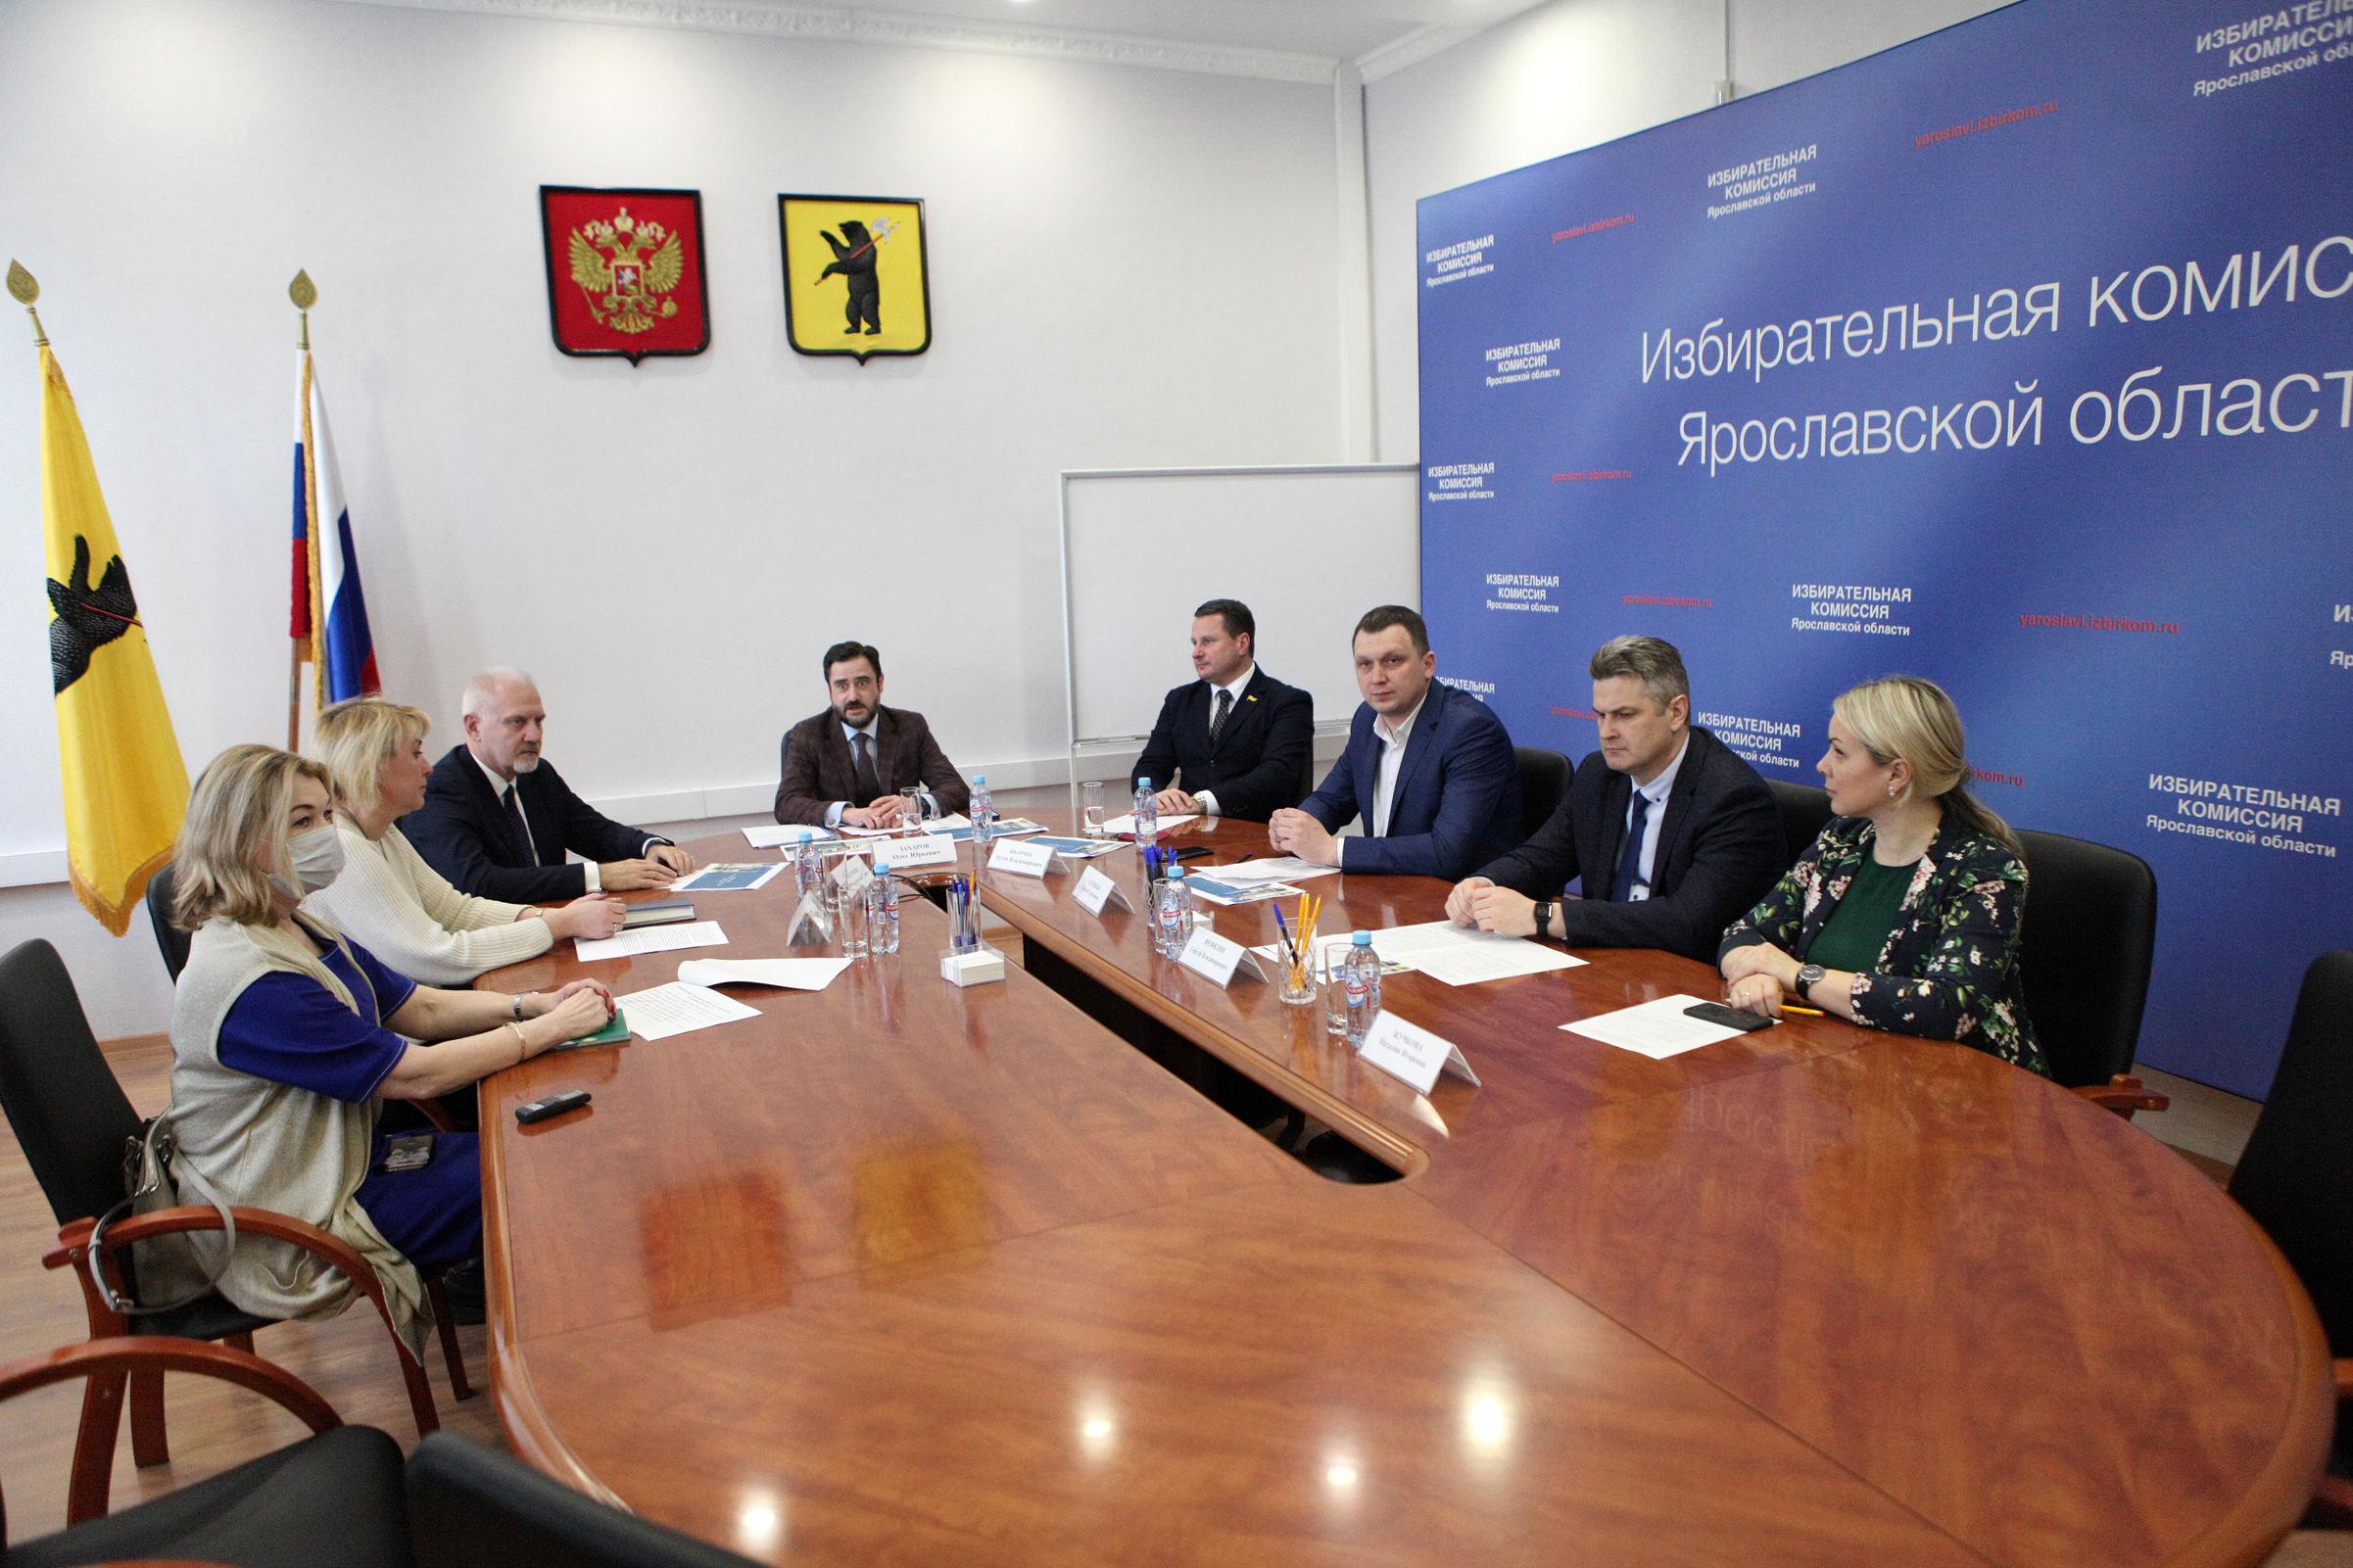 Выборы-2021: в Ярославле руководство облизбиркома и общественные наблюдатели обсудили предстоящие избирательные кампании